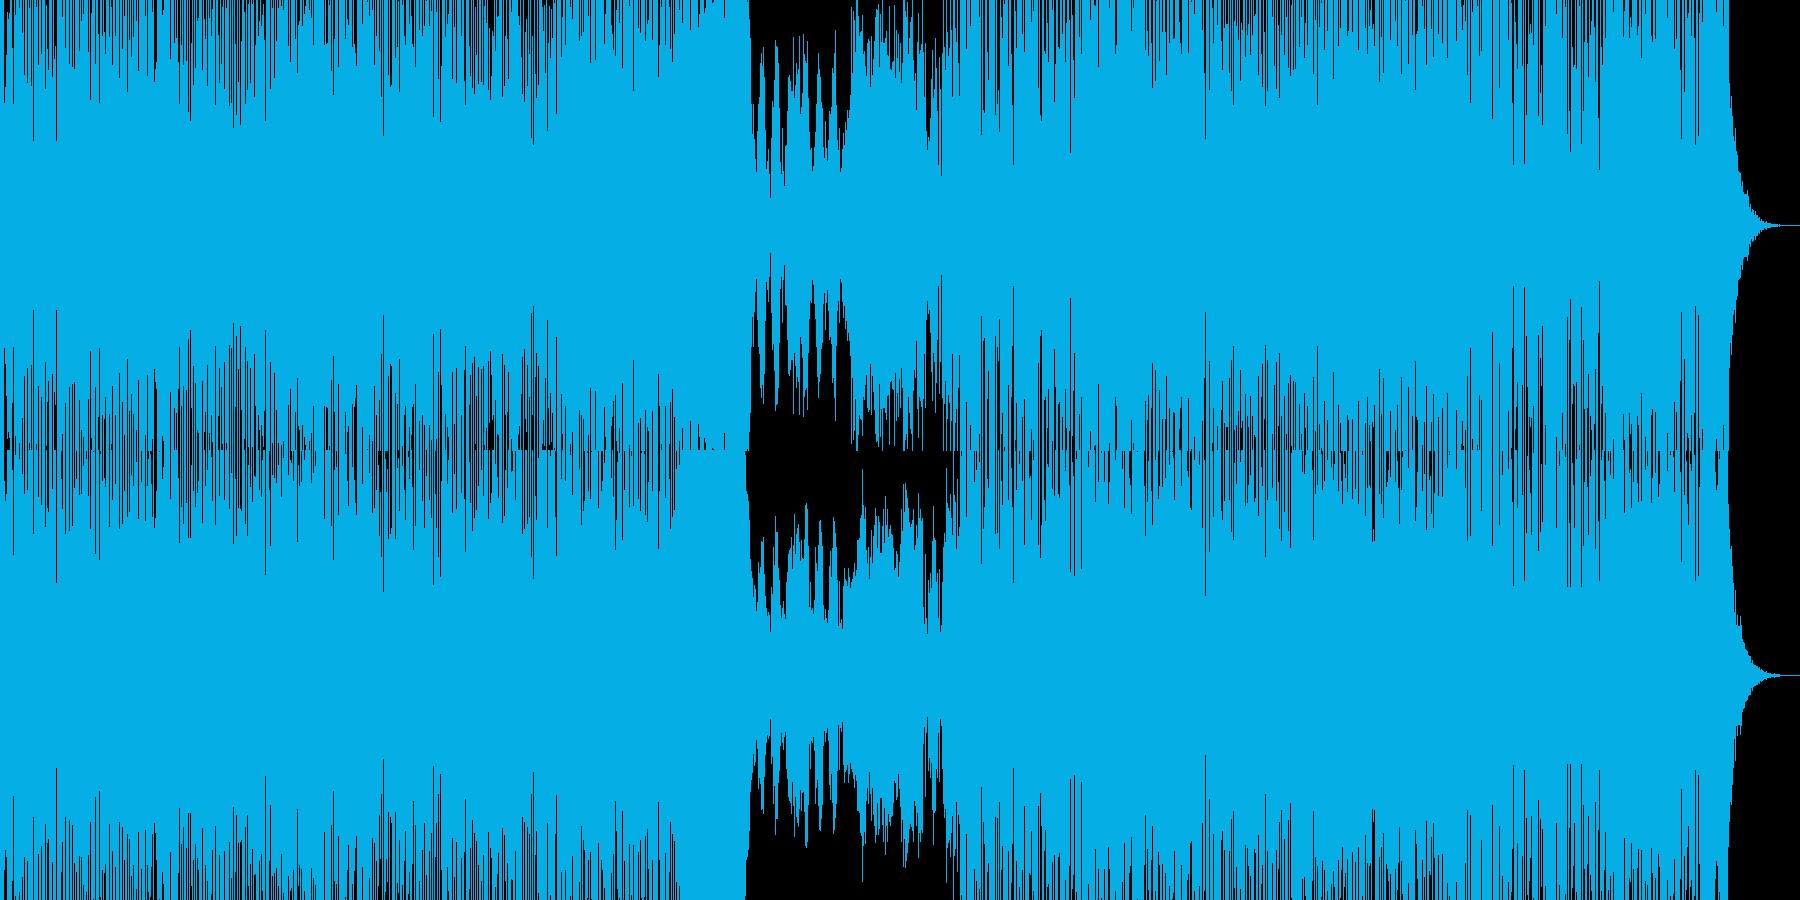 力強い元気なロックの再生済みの波形